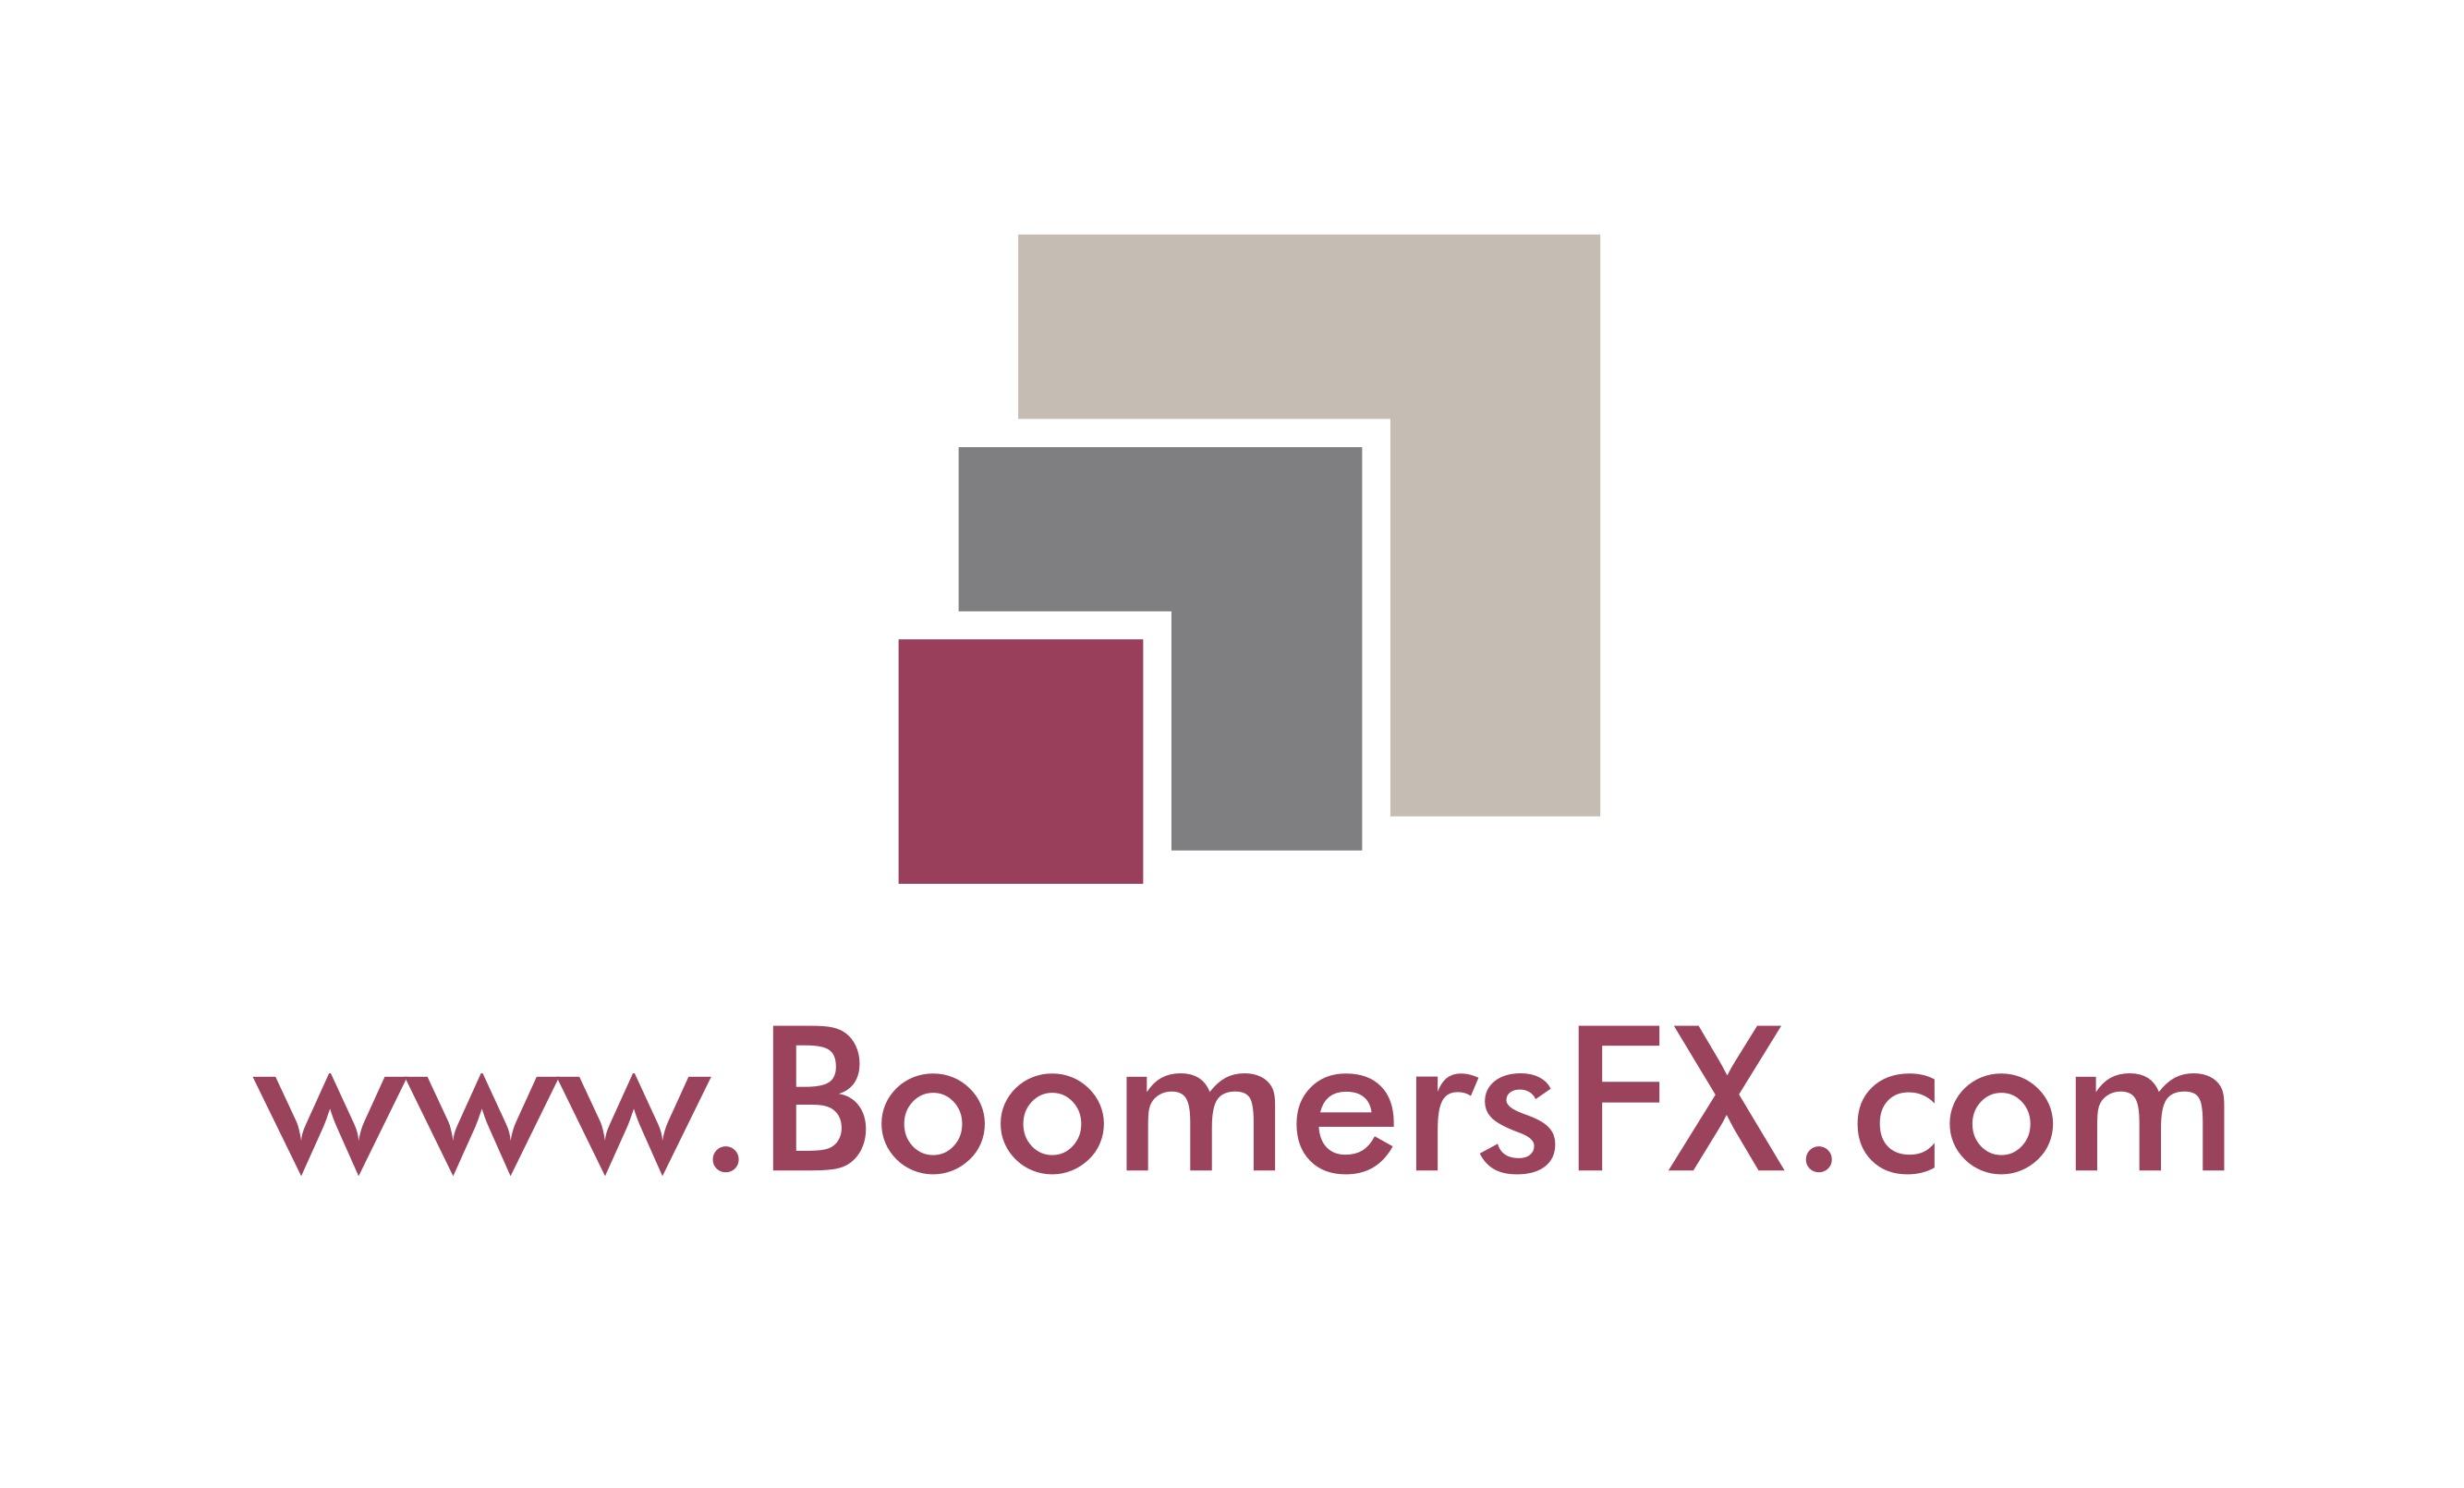 BoomersFX.com